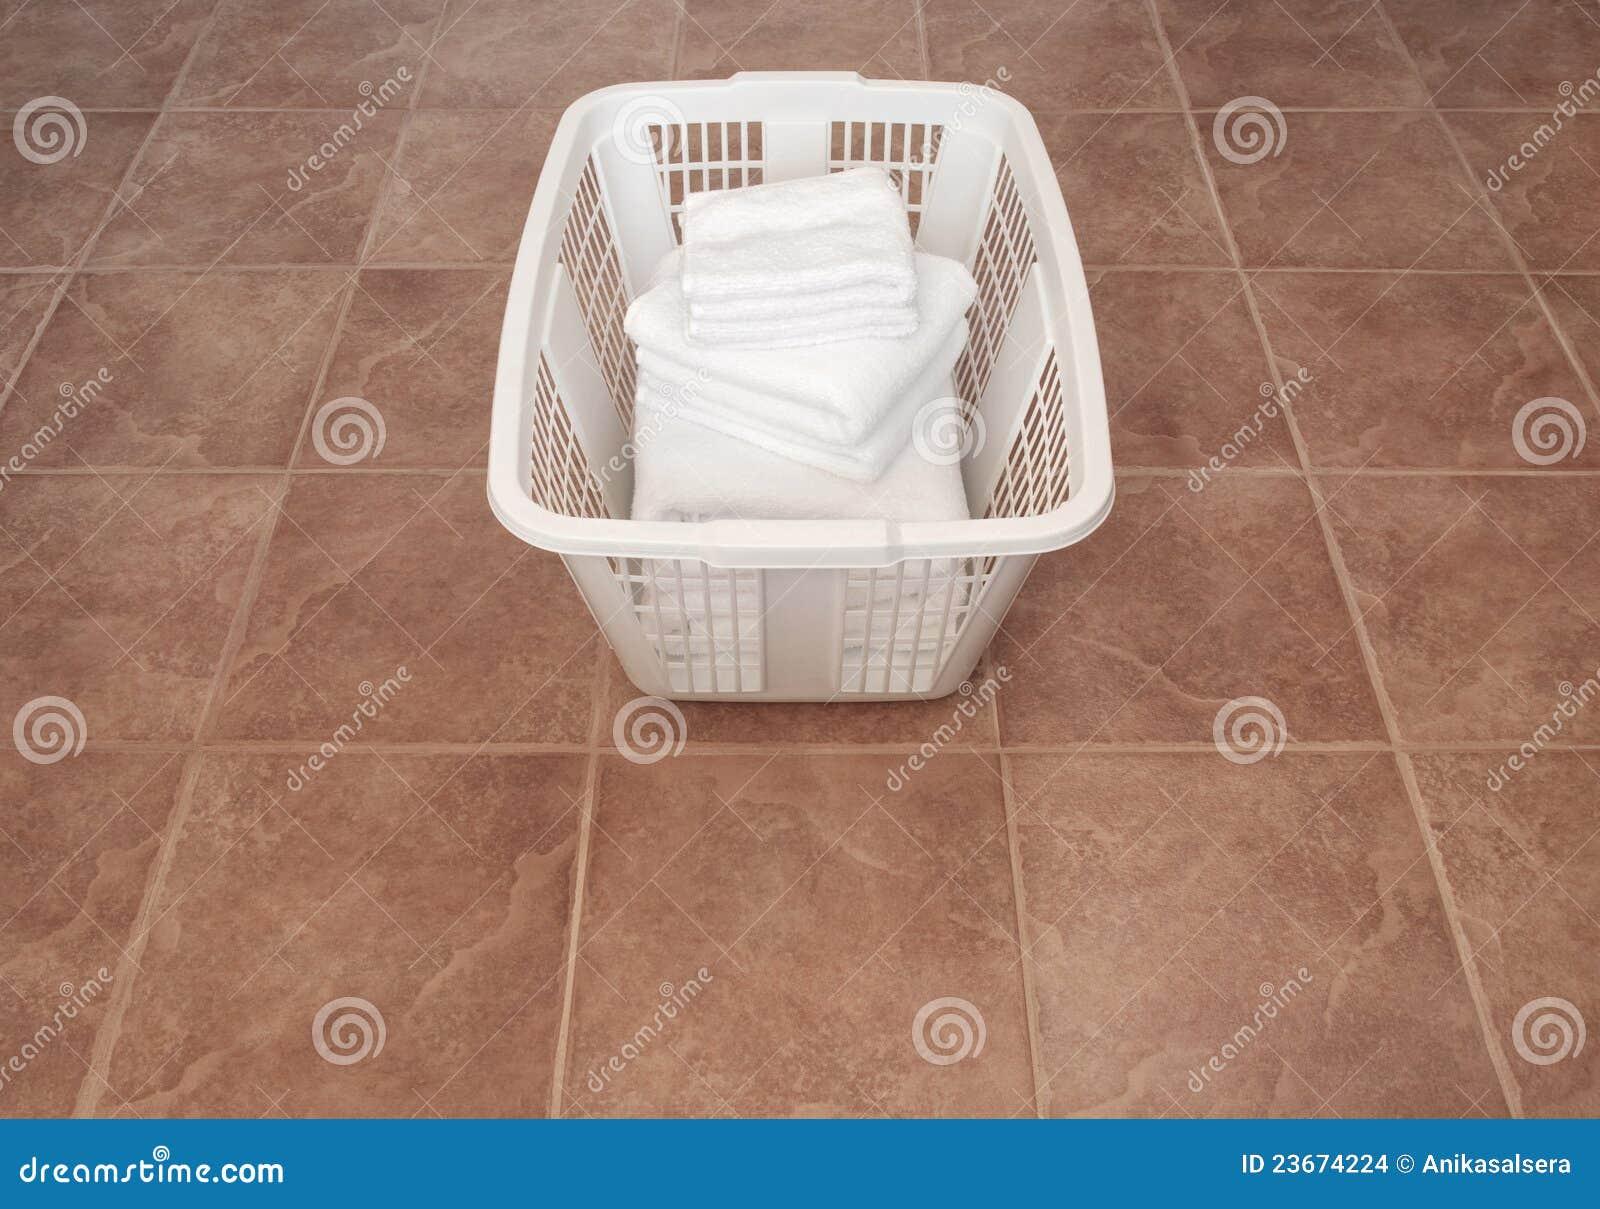 18ad2ed4bb Pulisca i tovaglioli bianchi in un cestino di lavanderia sul pavimento di  ceramica.